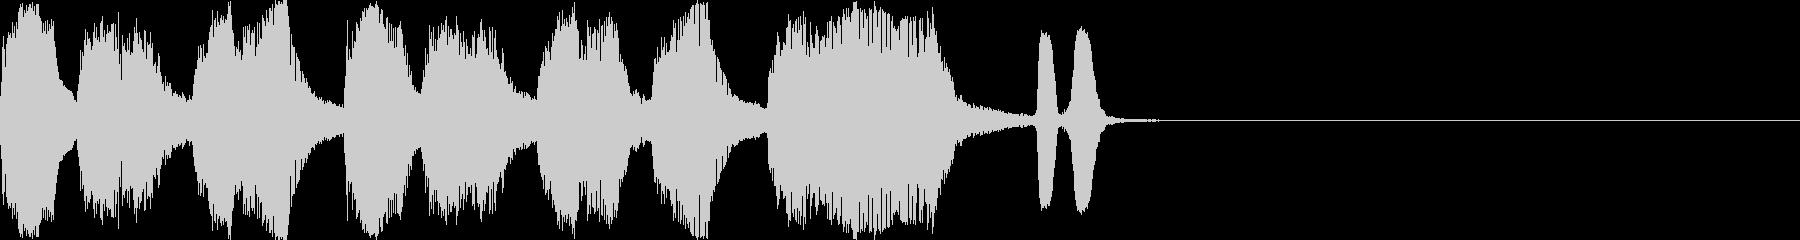 バラエティー向きショートネタです。の未再生の波形